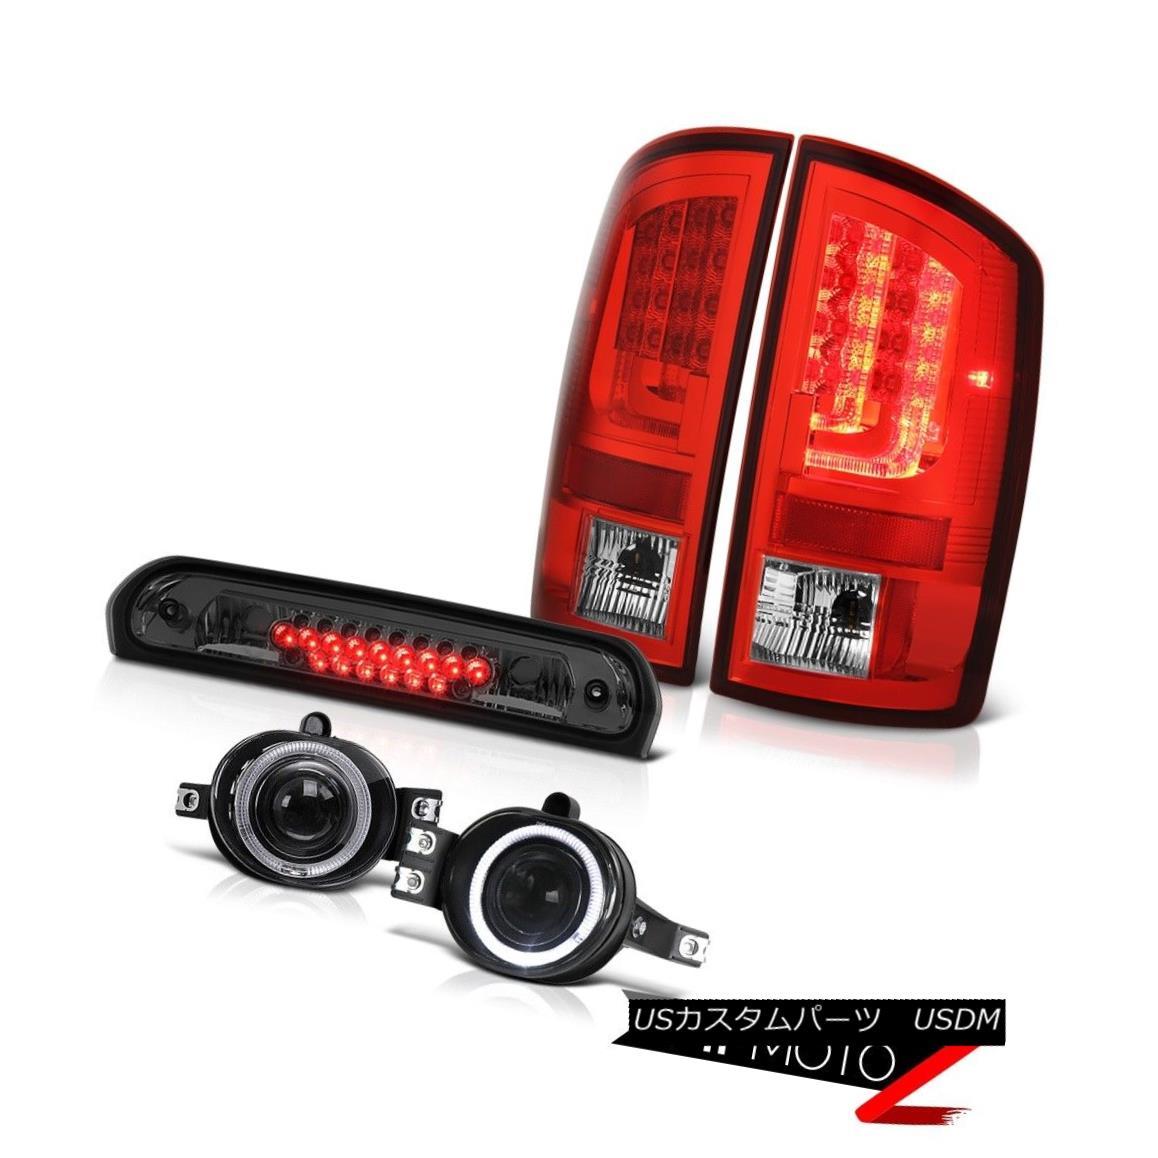 テールライト 07-08 Dodge Ram 2500 5.9L Taillights Fog Lights Graphite Smoke Roof Cab Light 07-08ダッジラム2500 5.9L曇り灯ライトグラファイト煙屋根キャブライト